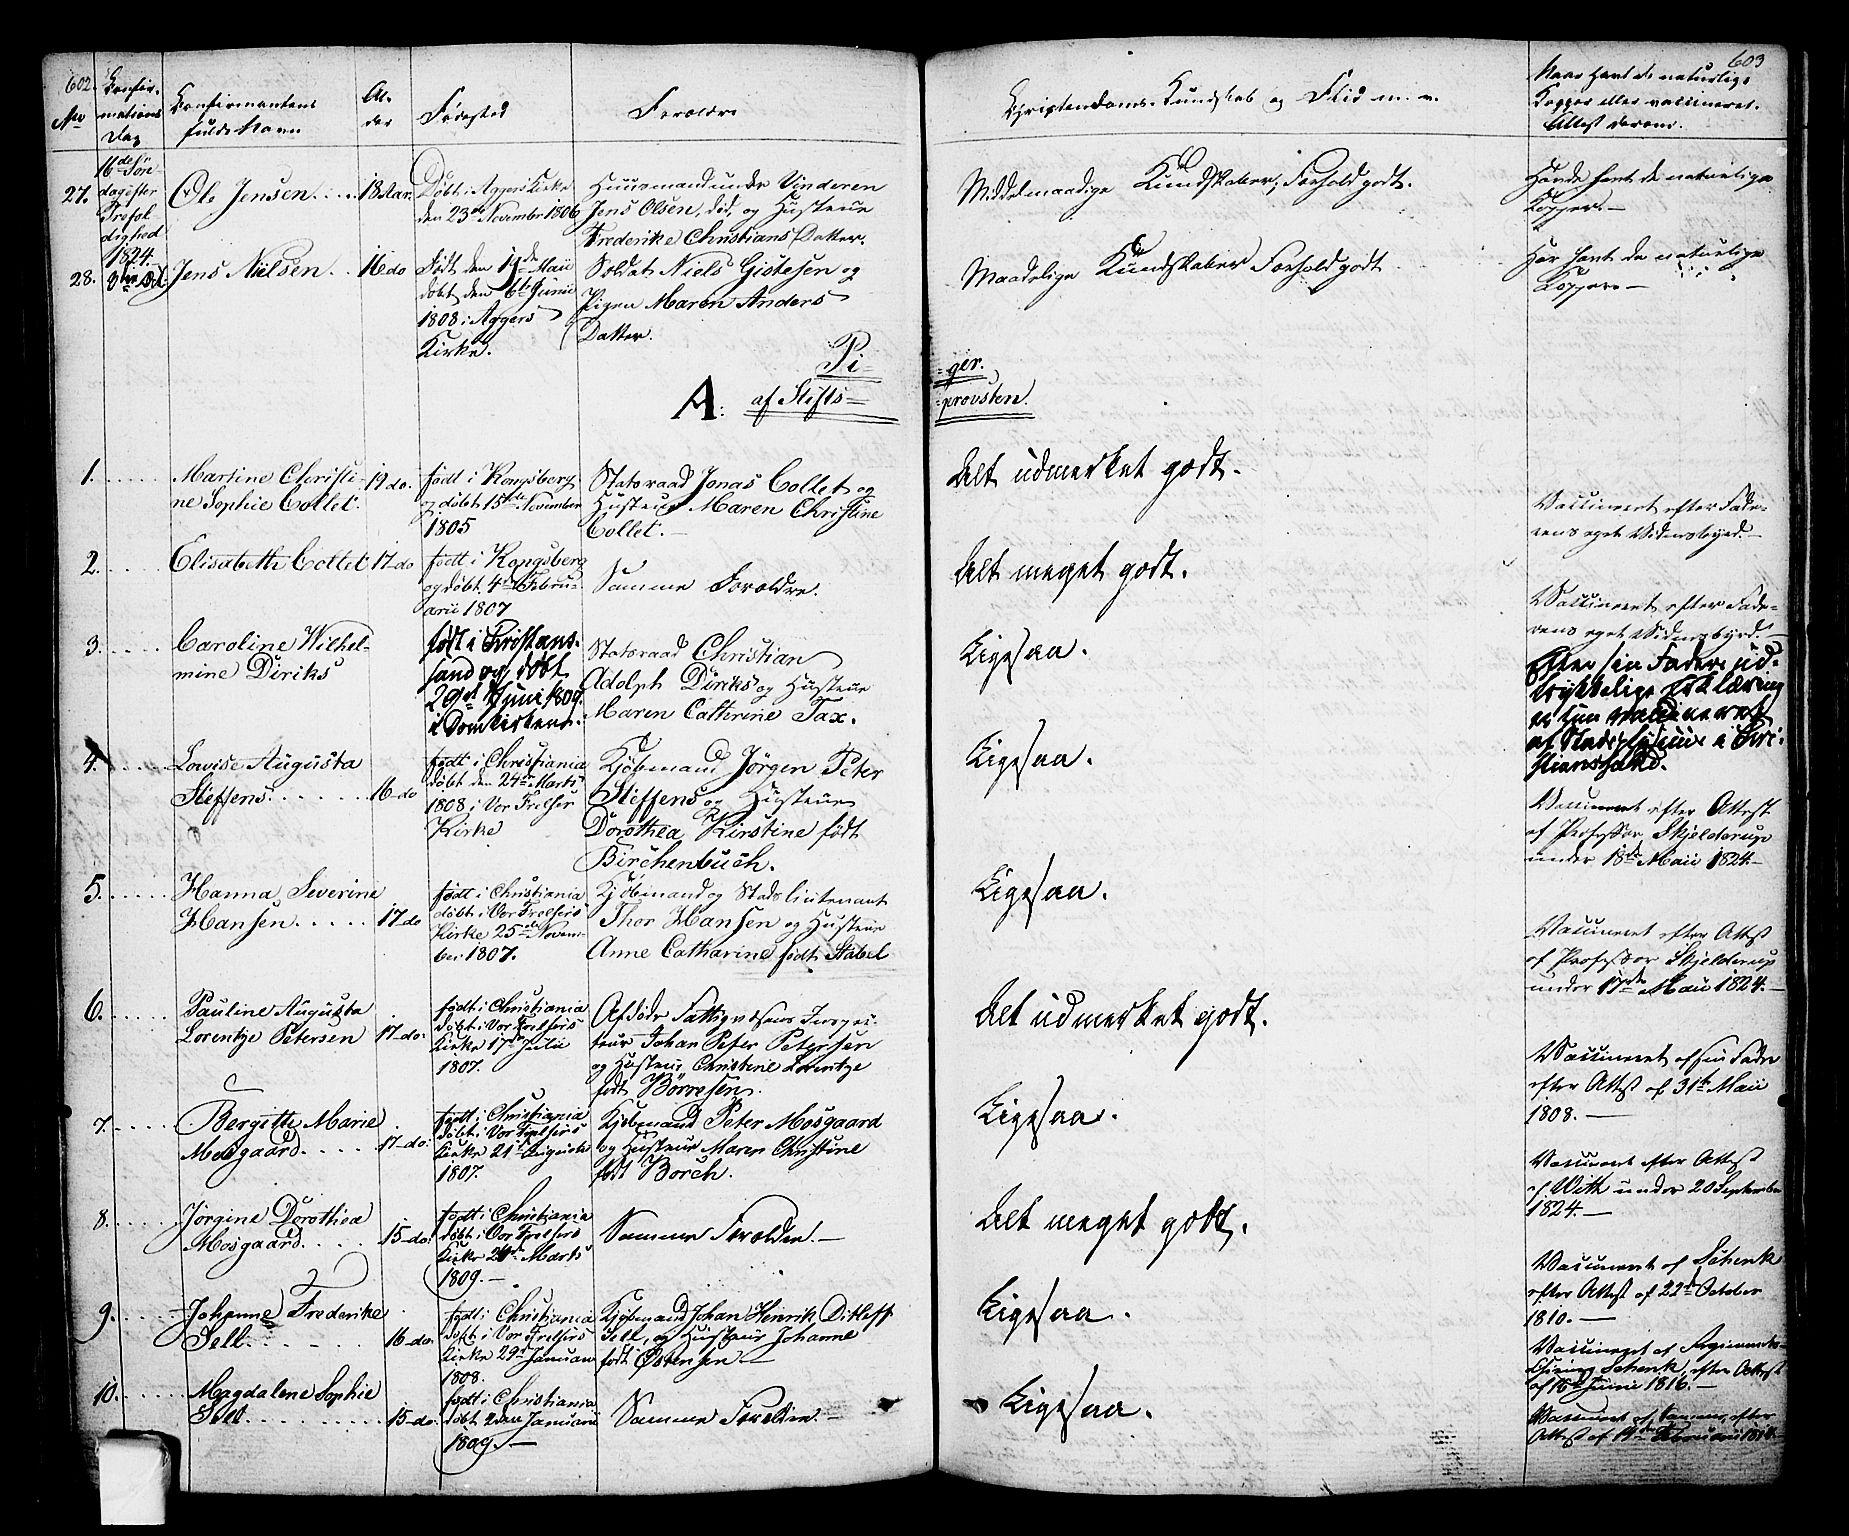 SAO, Oslo domkirke Kirkebøker, F/Fa/L0010: Ministerialbok nr. 10, 1824-1830, s. 602-603